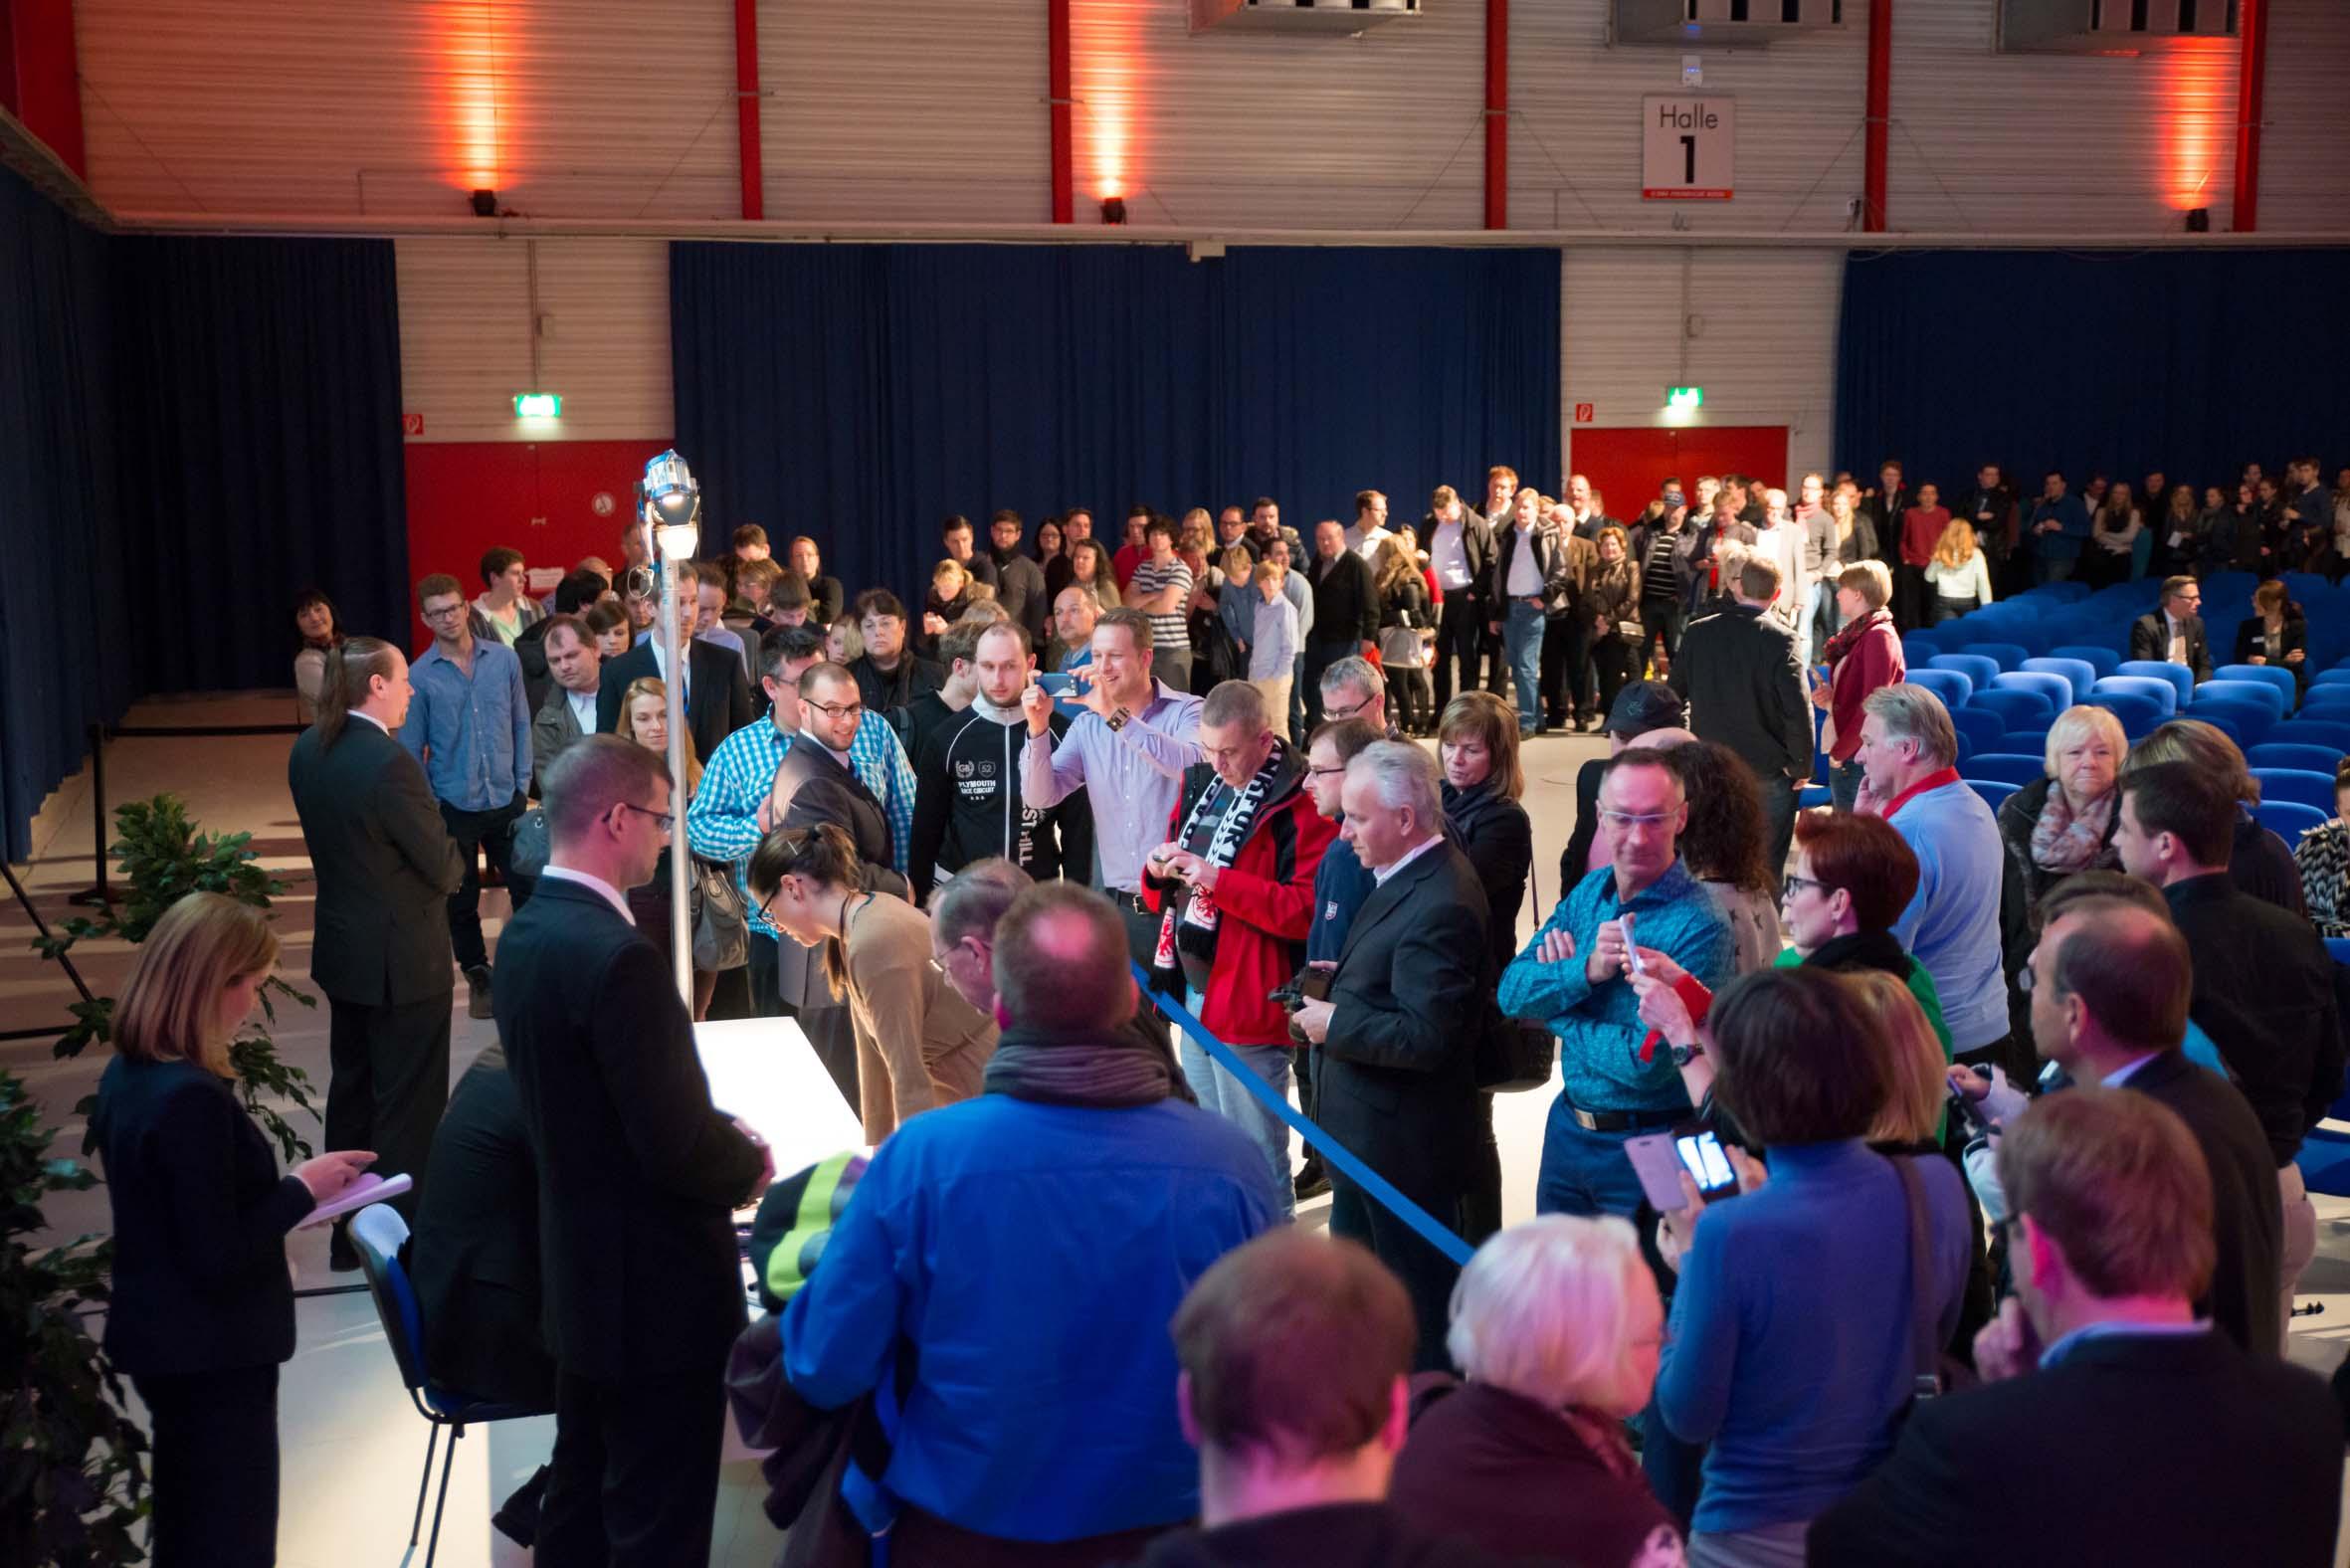 Bildergalerie Mitgliederversammlung 2015 in Gießen, Bild 76